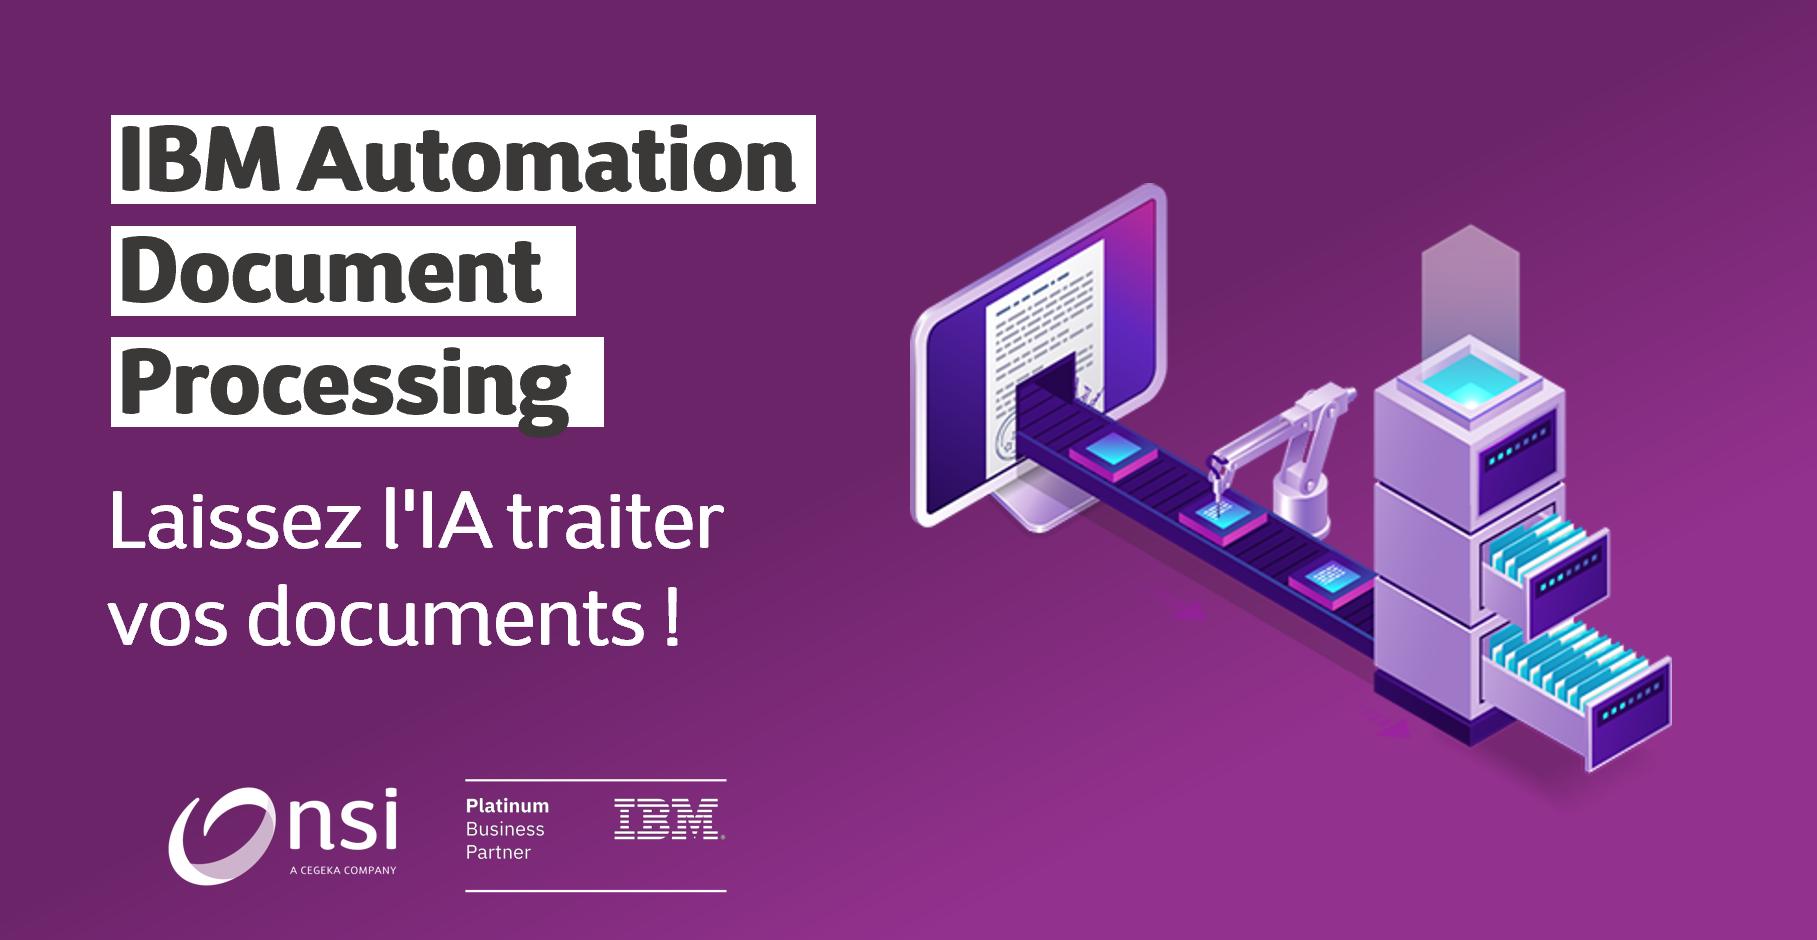 IBM Automation Document Processing : Laissez l'IA traiter vos documents !